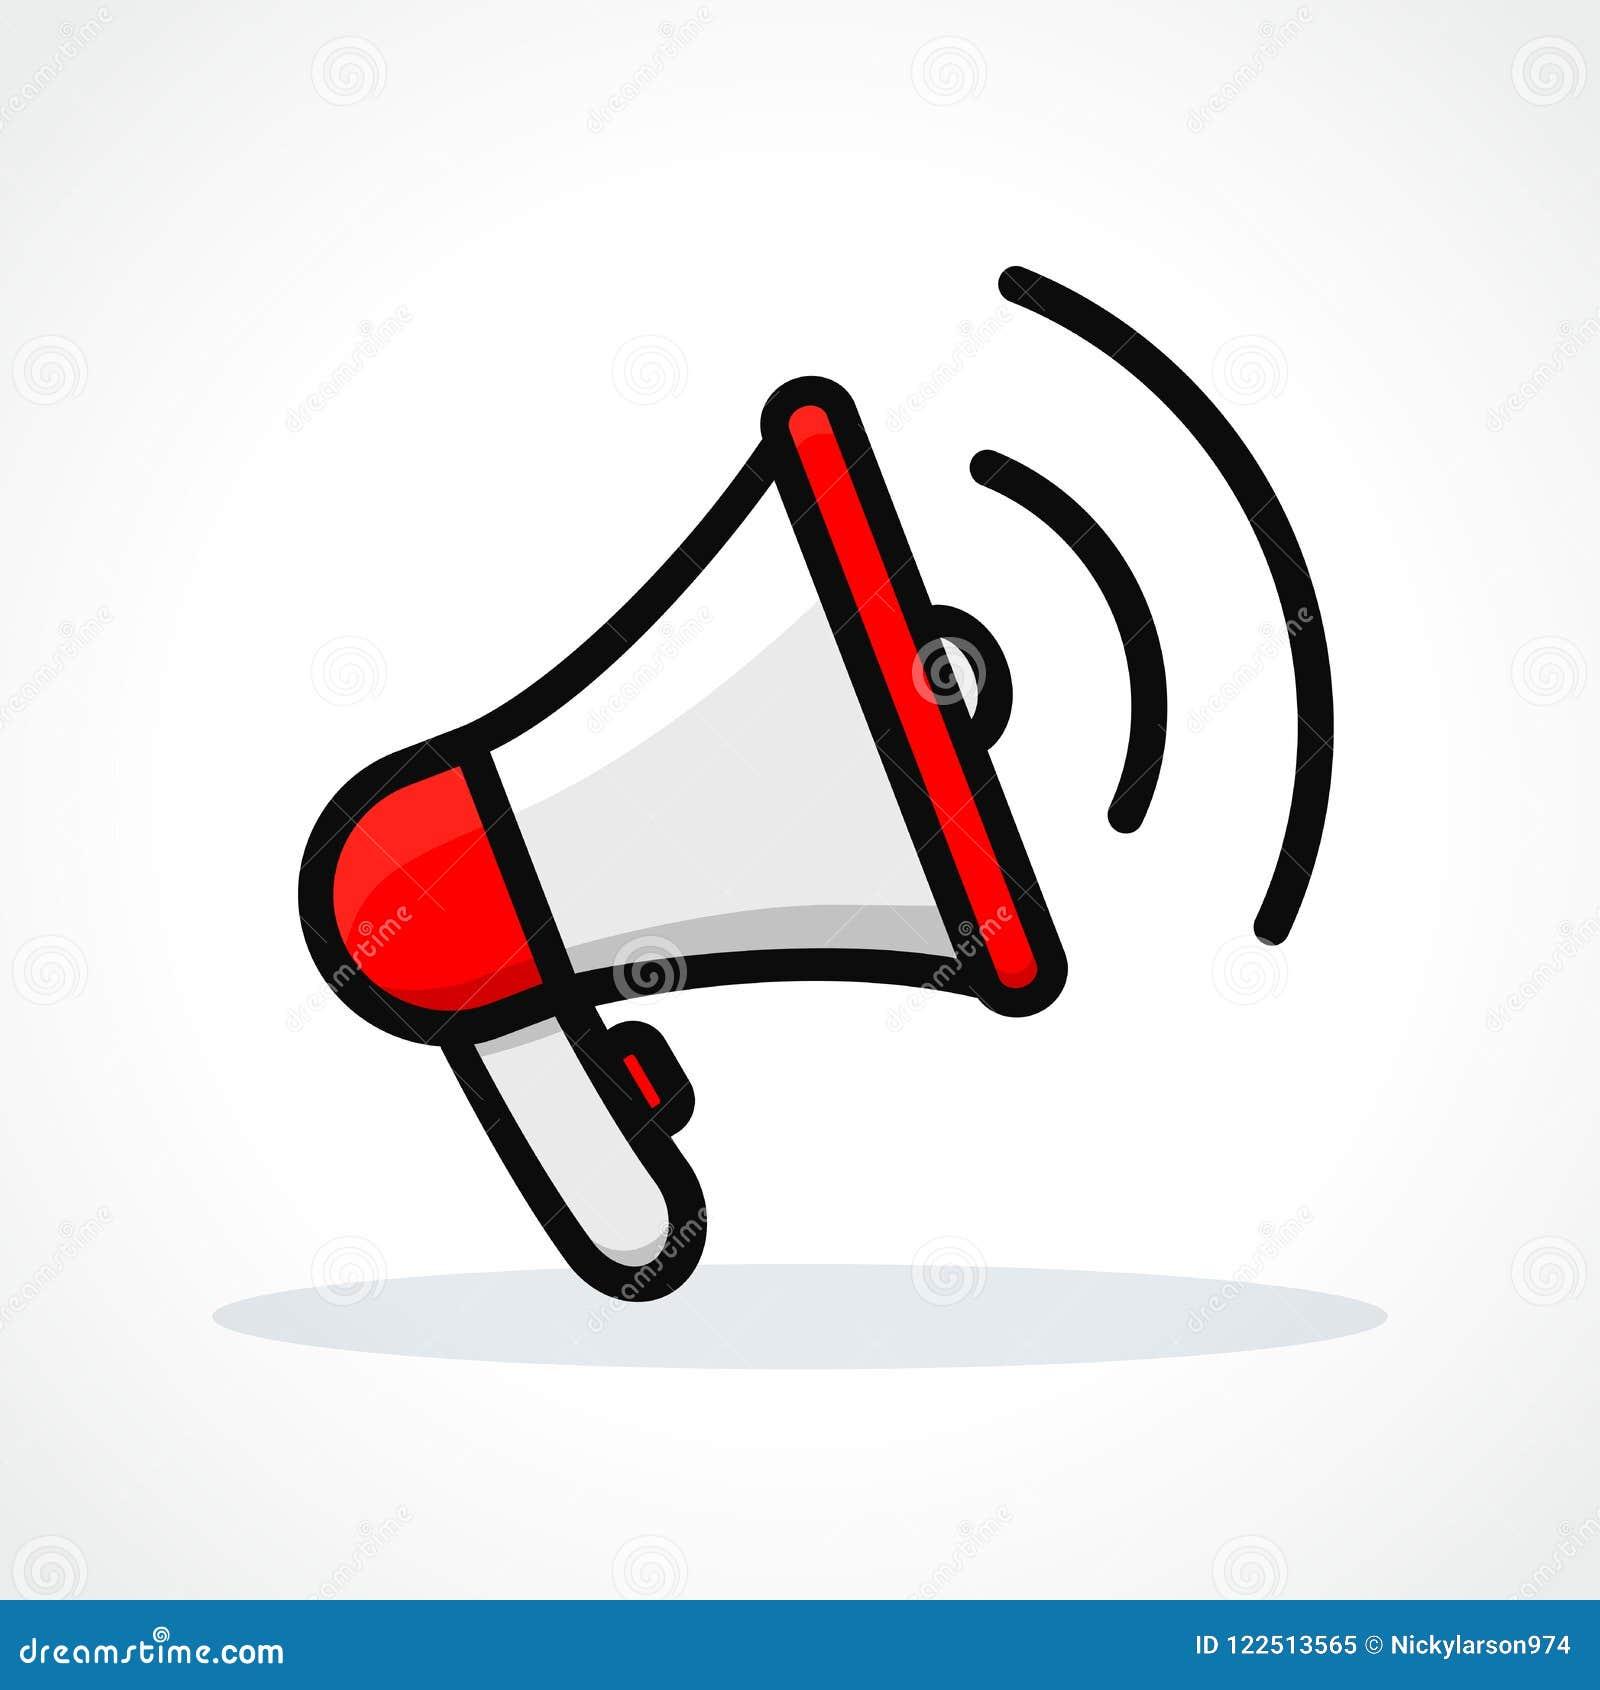 vector loudspeaker icon design stock vector illustration of icon speaker 122513565 https www dreamstime com vector illustration loudspeaker white background vector loudspeaker icon design image122513565